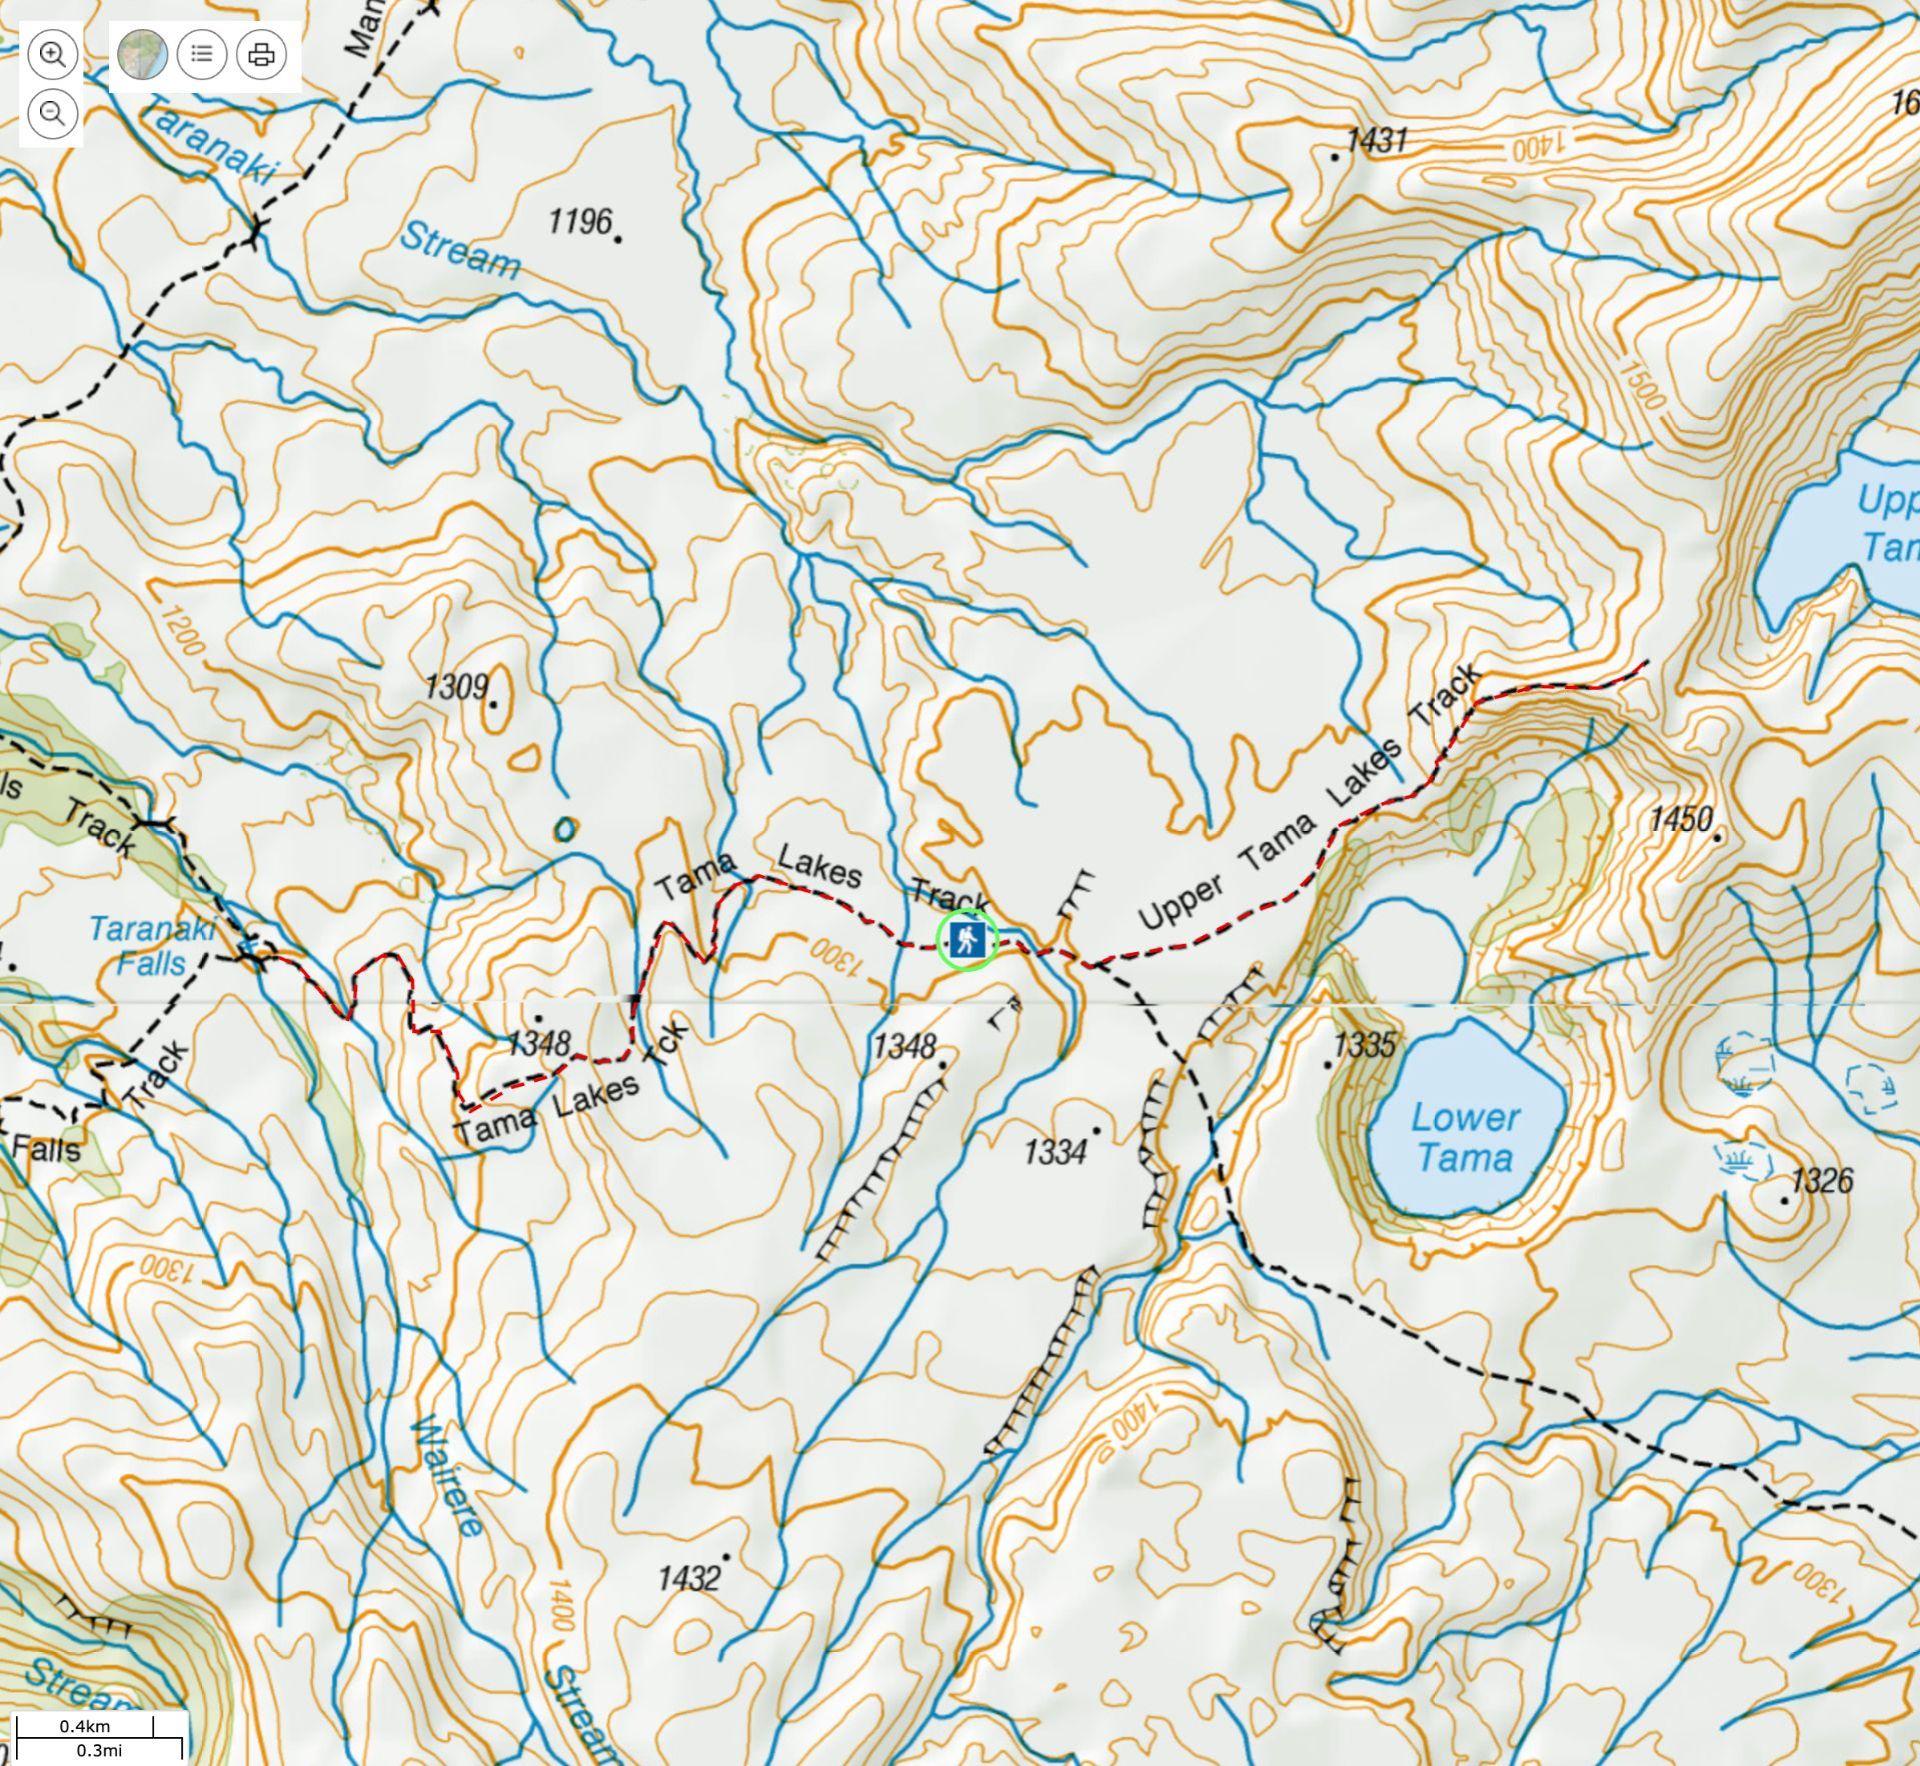 Tama Lakes Map.jpg